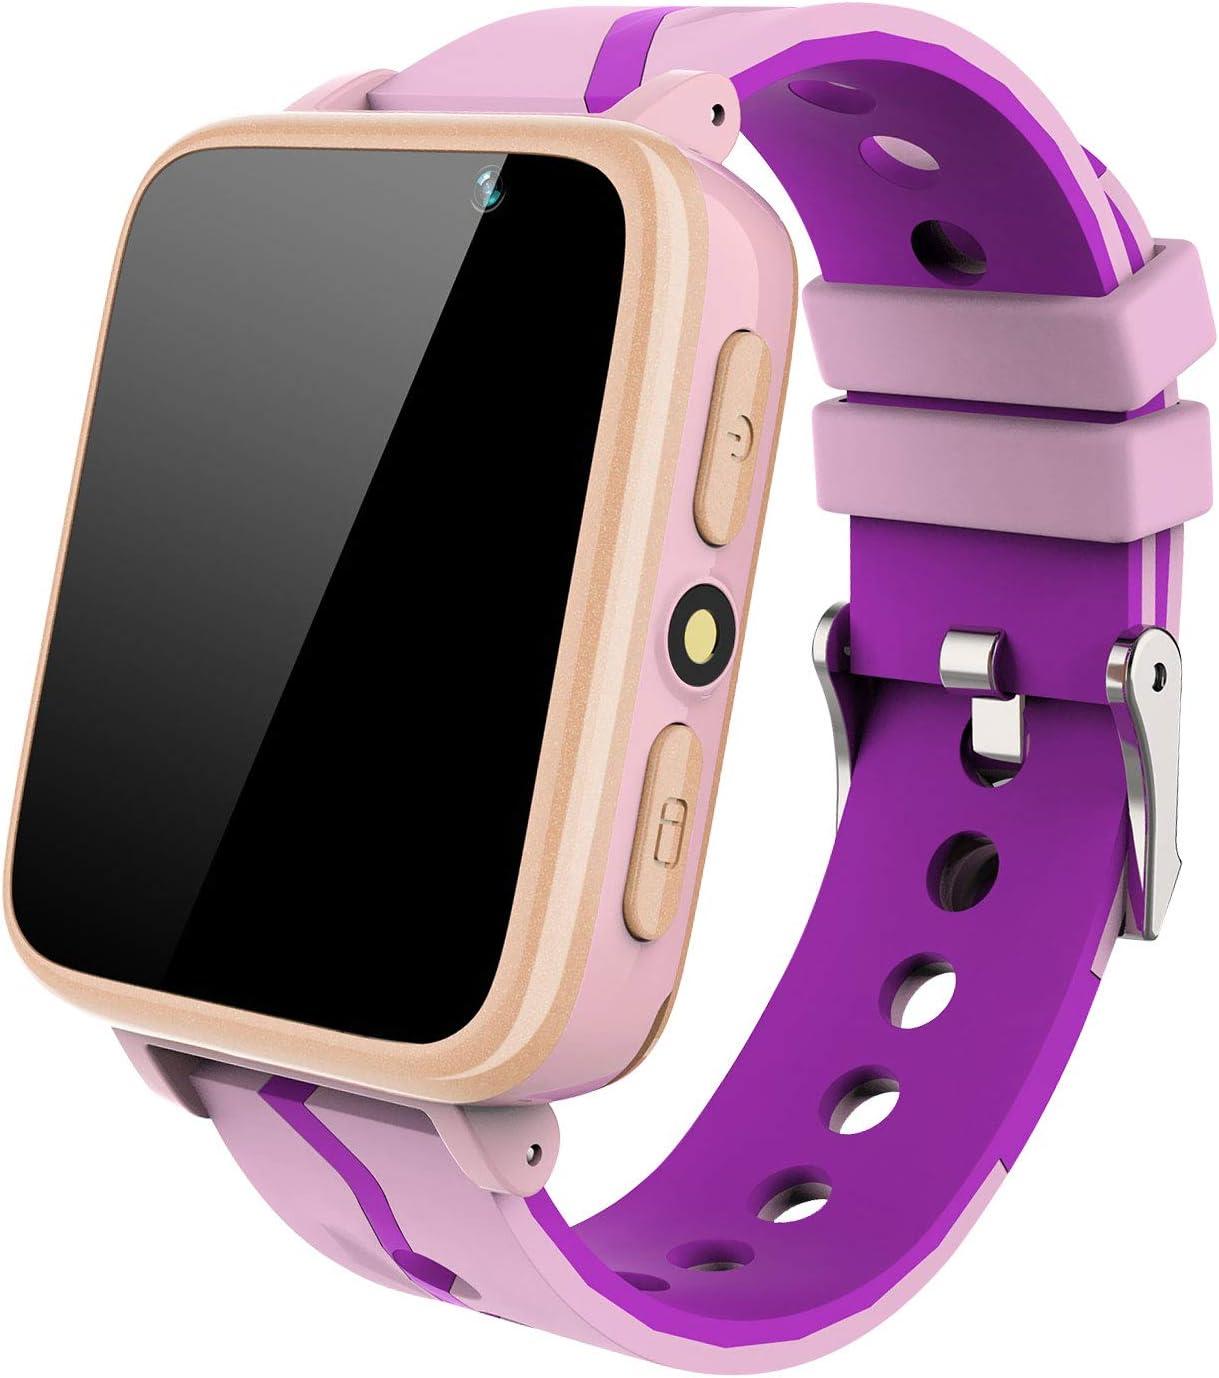 MeritSoar Tech Smartwatch Niños - Pantalla Táctil HD Reloj Deportivo Inteligente Teléfono con Reproductor de Música Llamada Chat de Voz Cámara SOS Alarma para Niños Estudiantes de 4 a 12 Años